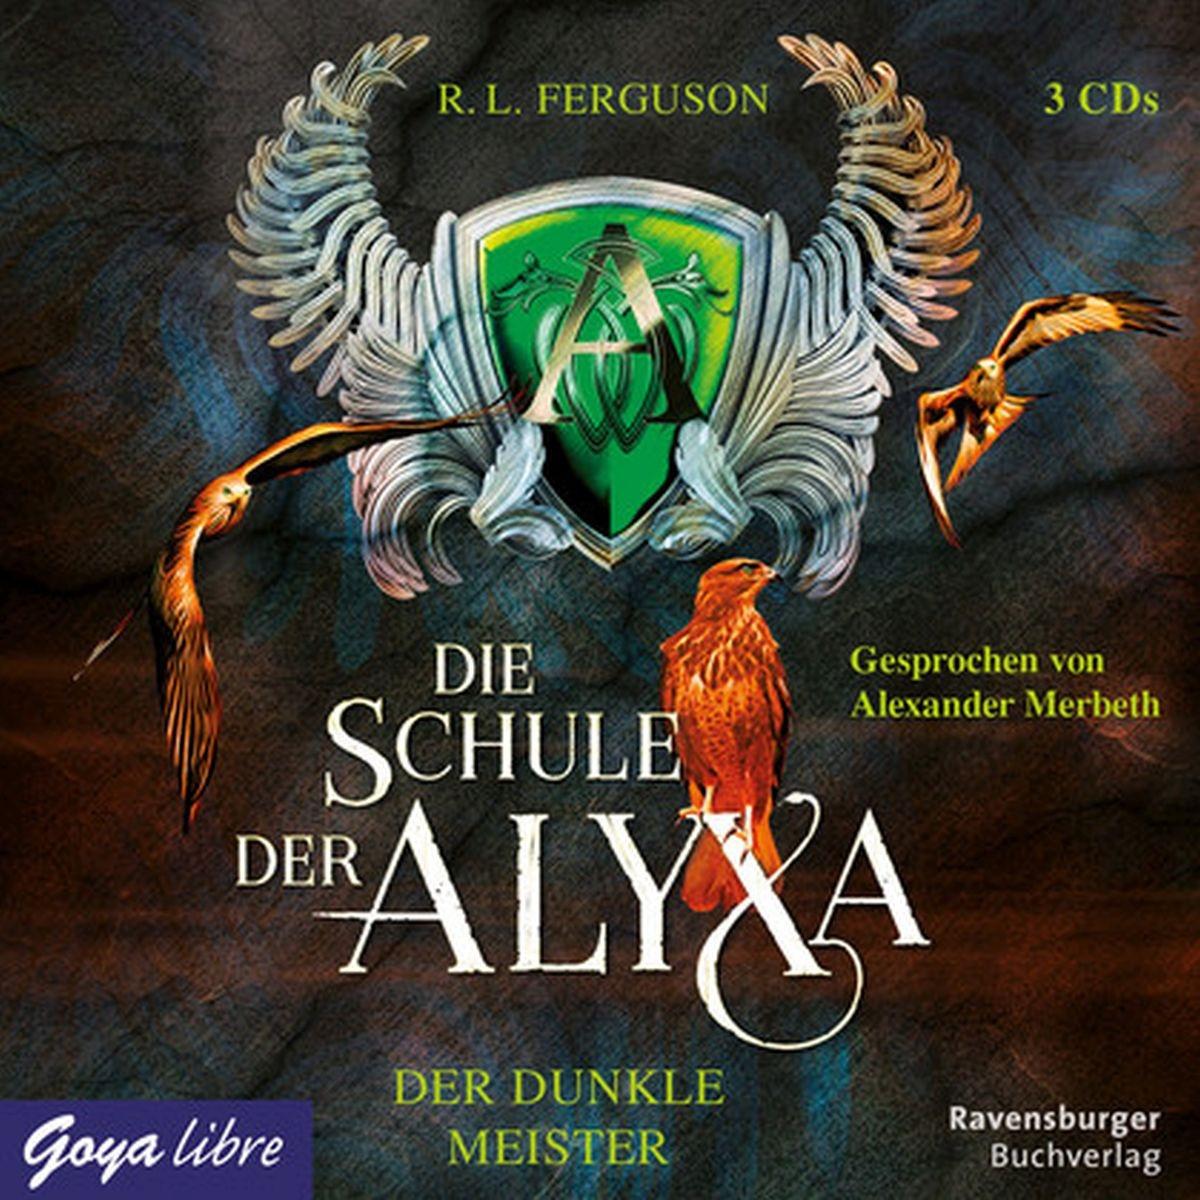 R. L. Ferguson - Die Schule der Alyxa: Der dunkle Meister